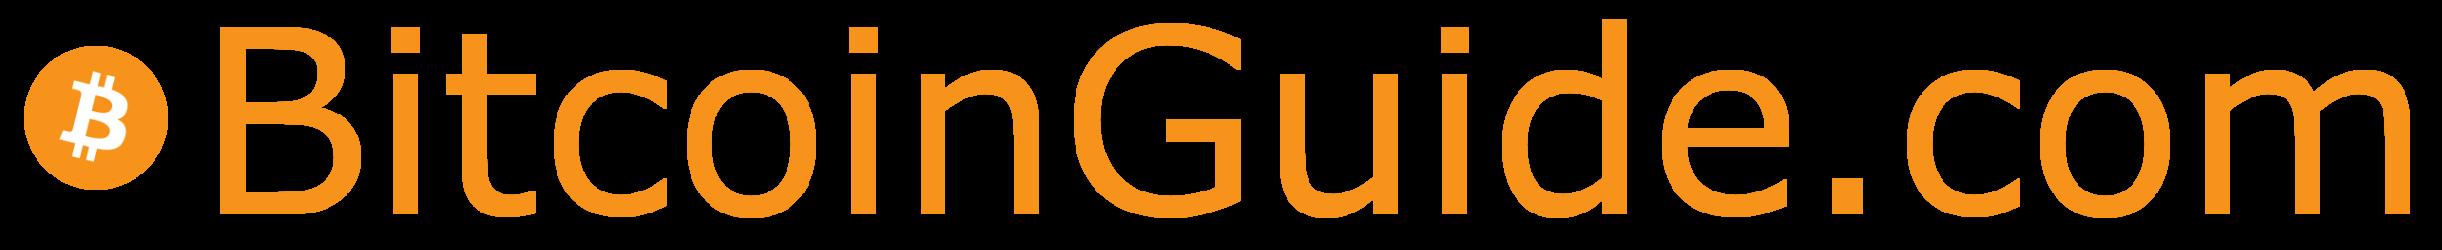 BitcoinGuide.com